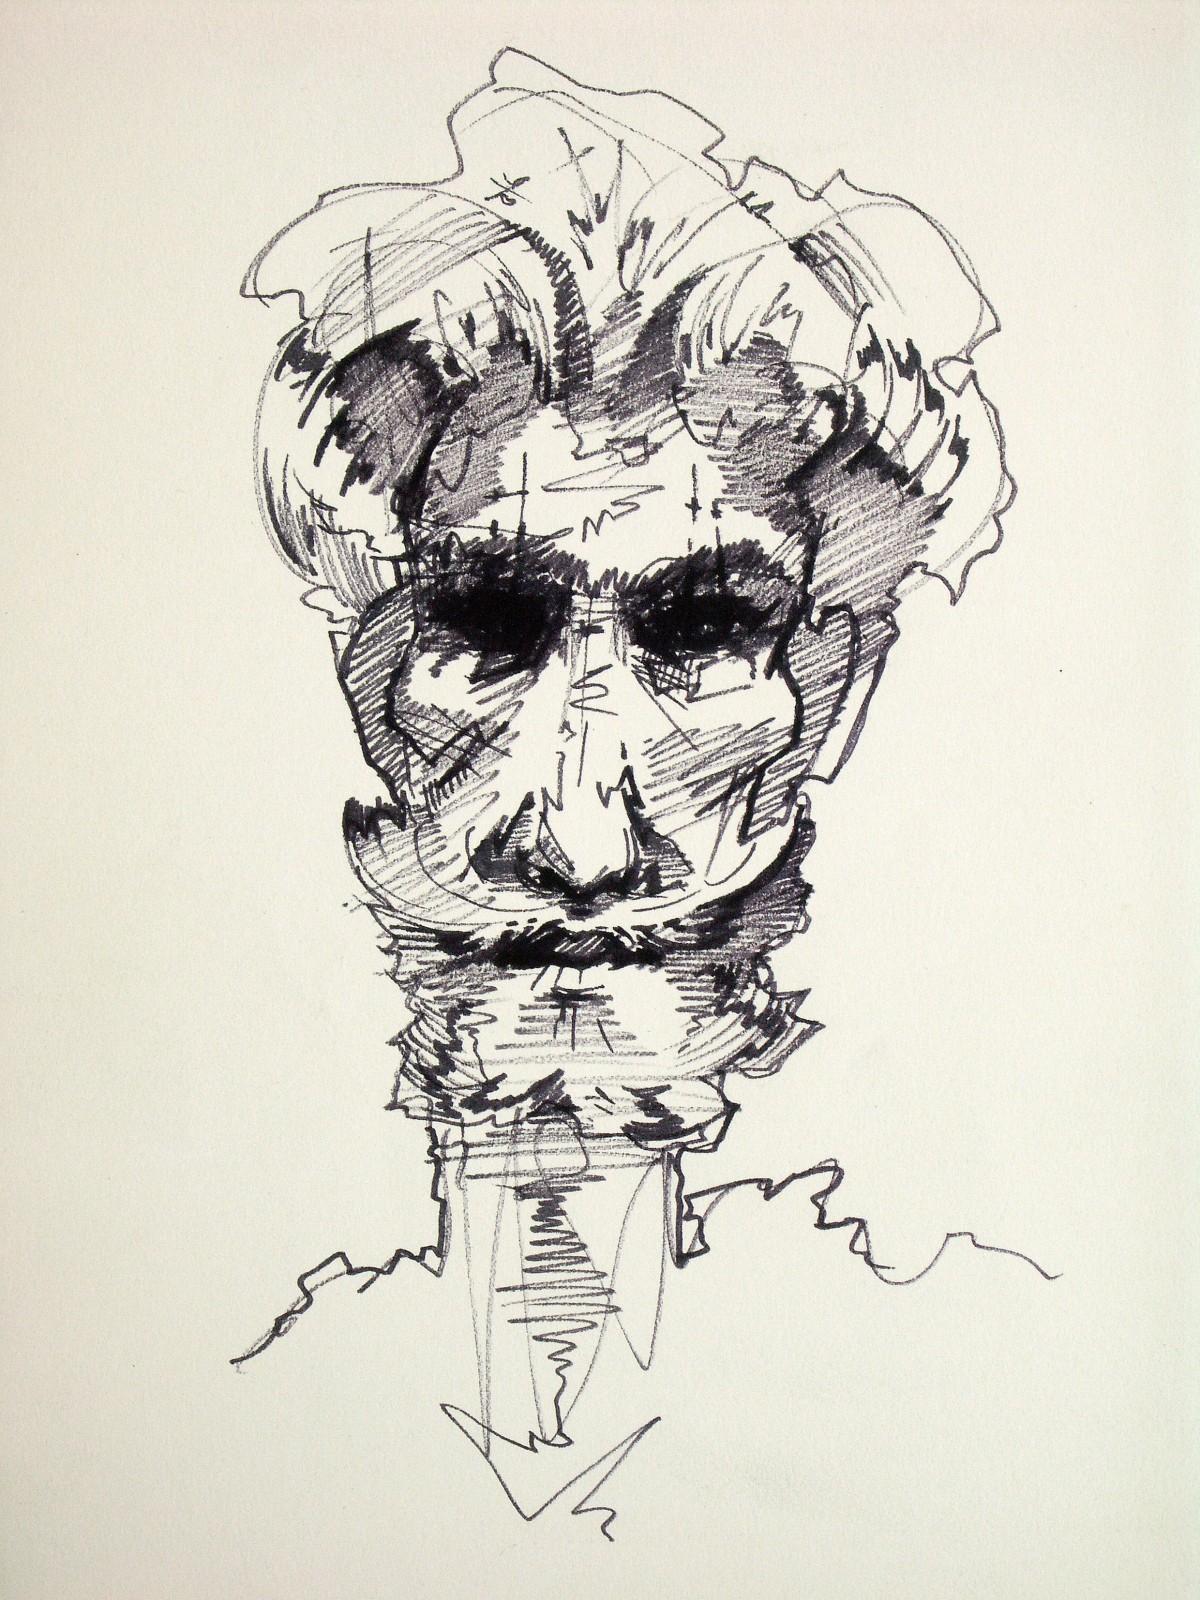 Autoportret numer 19302